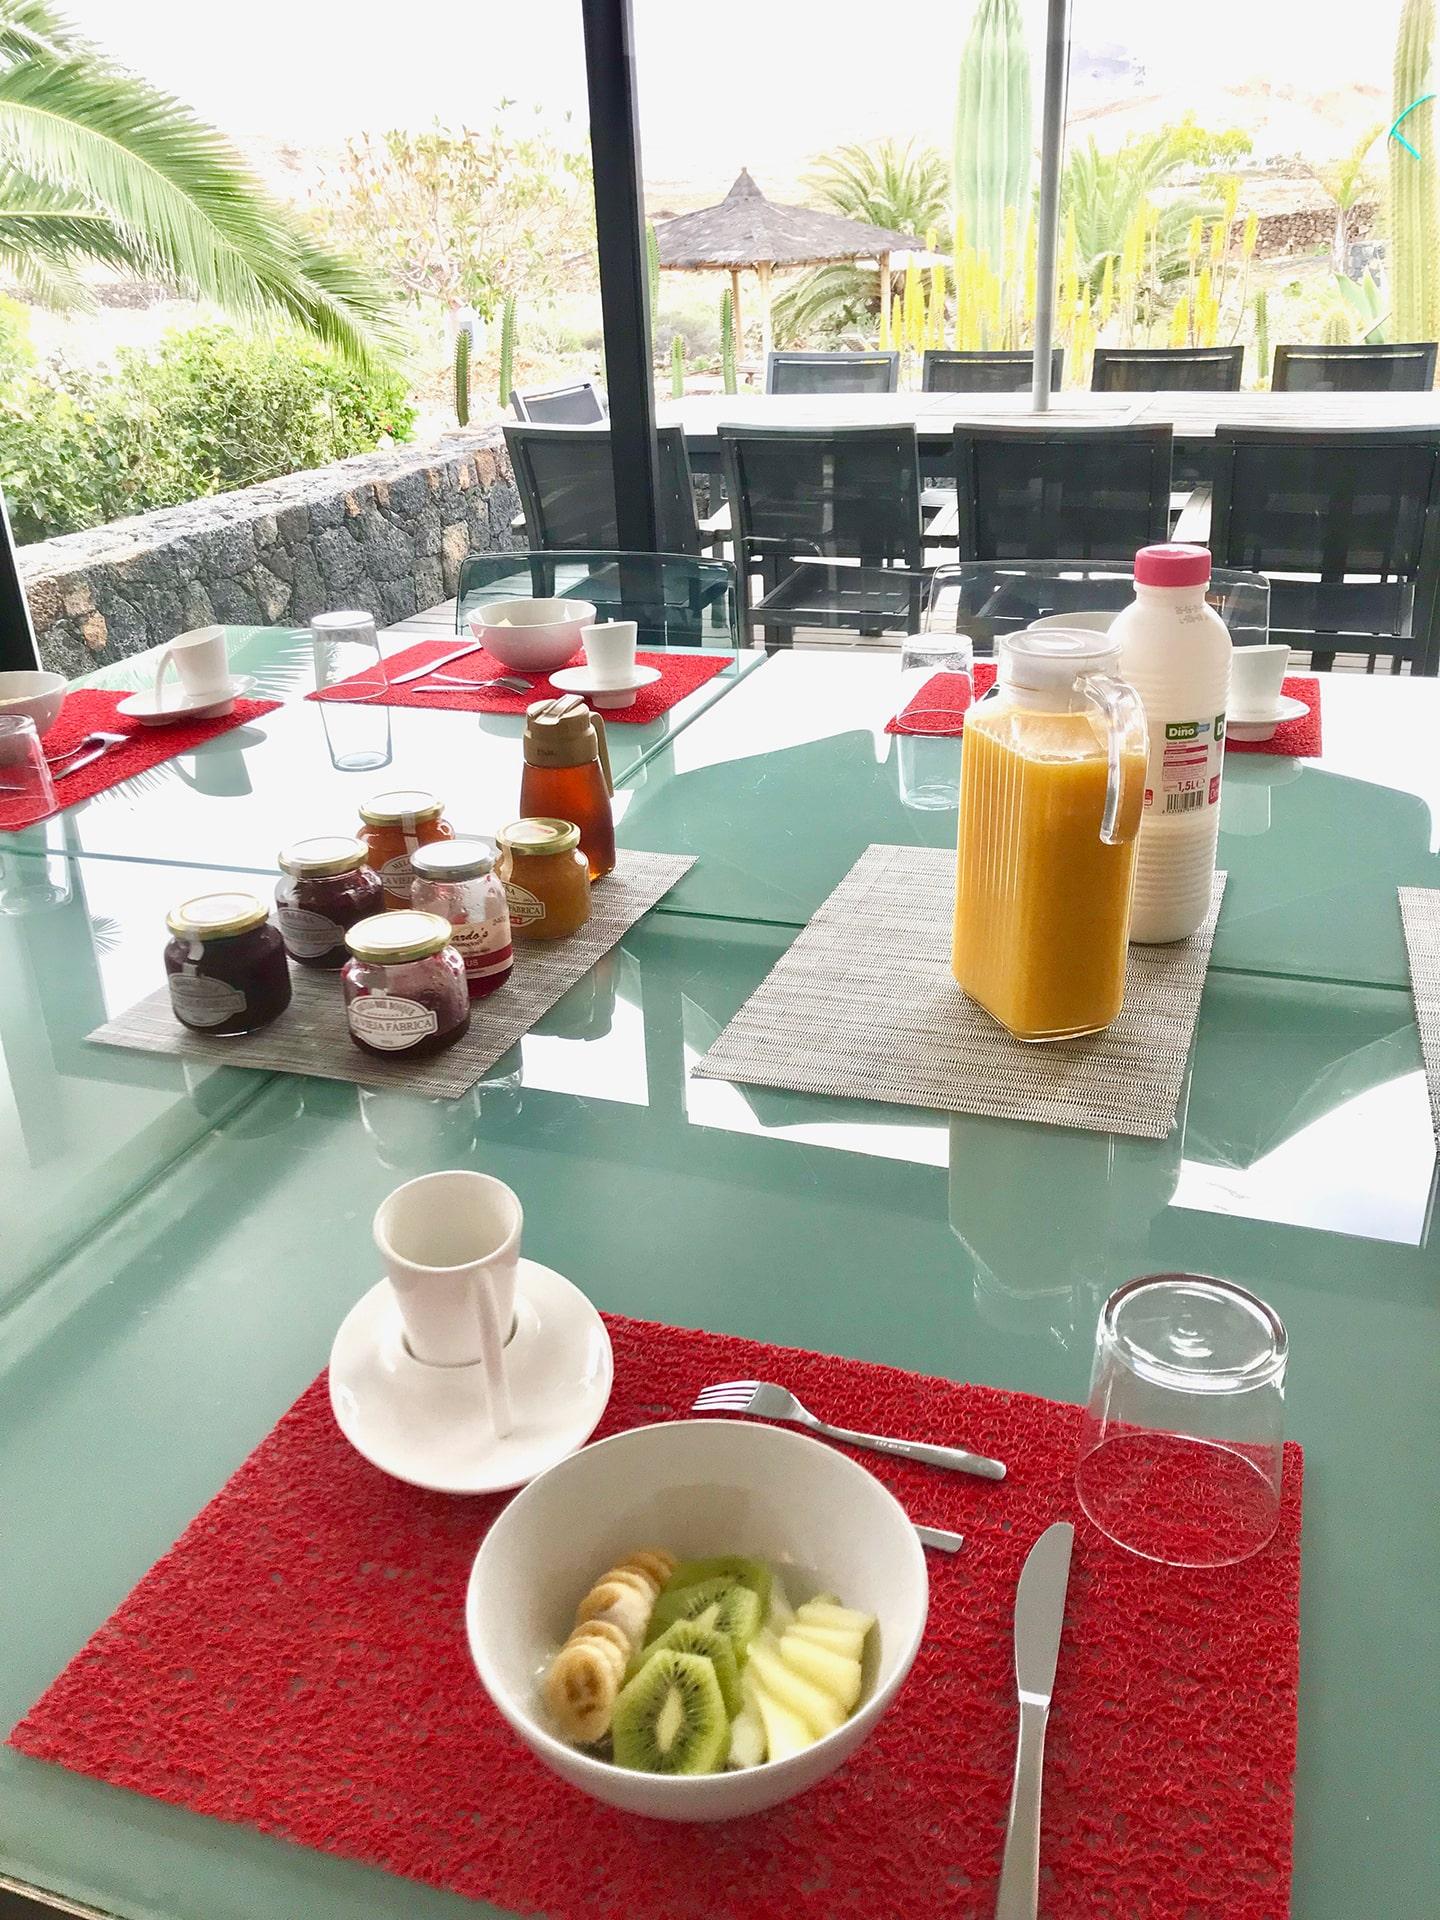 Blog Lifestyle - Un petit-déjeuner de rêve - Suivre sa Joie - Saskia Parein